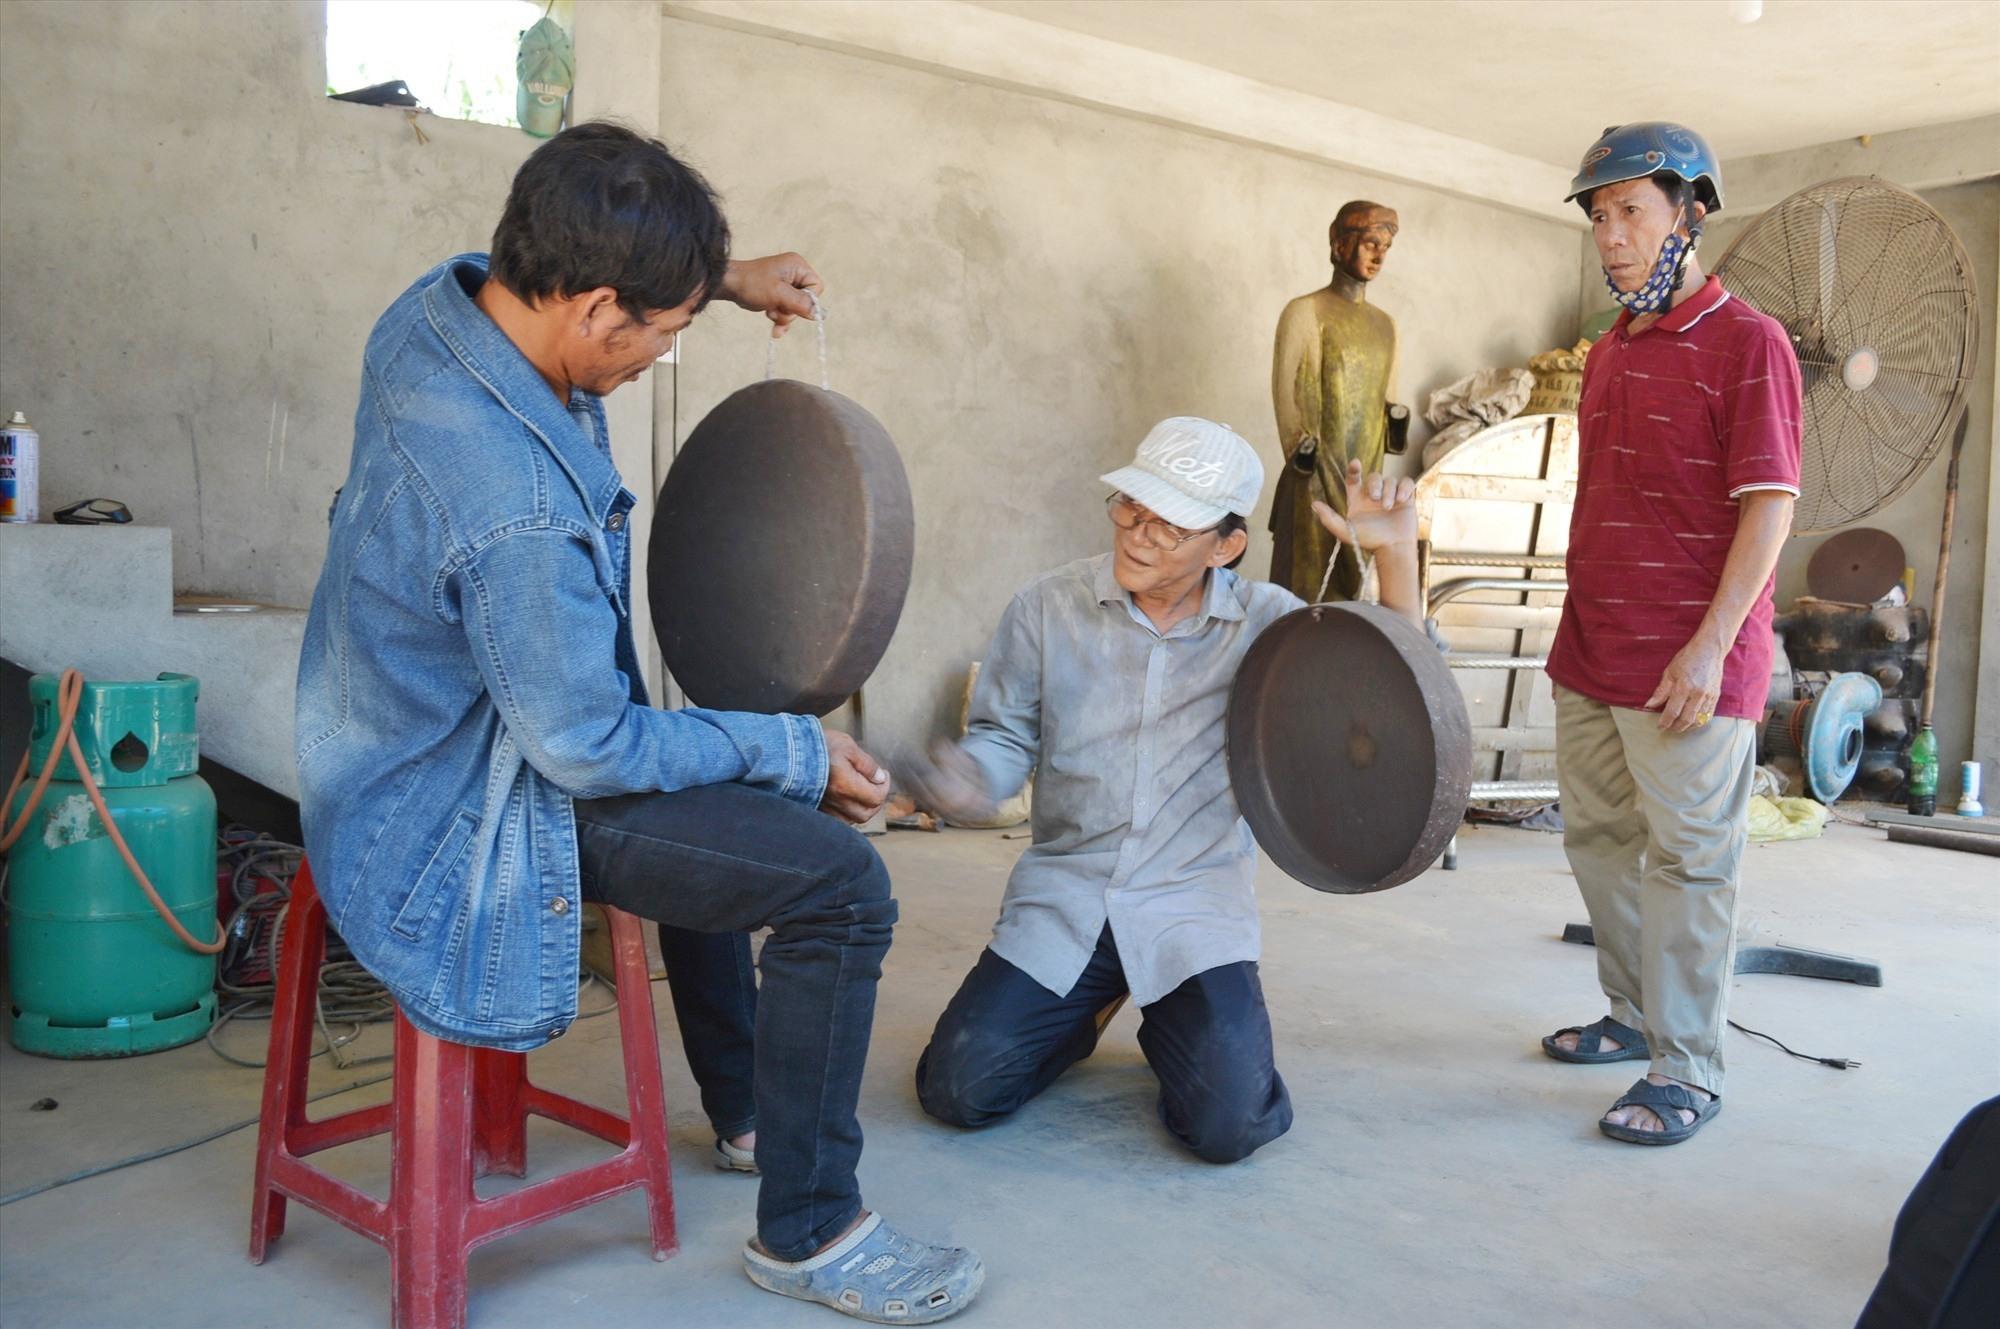 Các làng nghề truyền thống dược xem là một lợi thế trong phát triển du lịch Điện Bàn